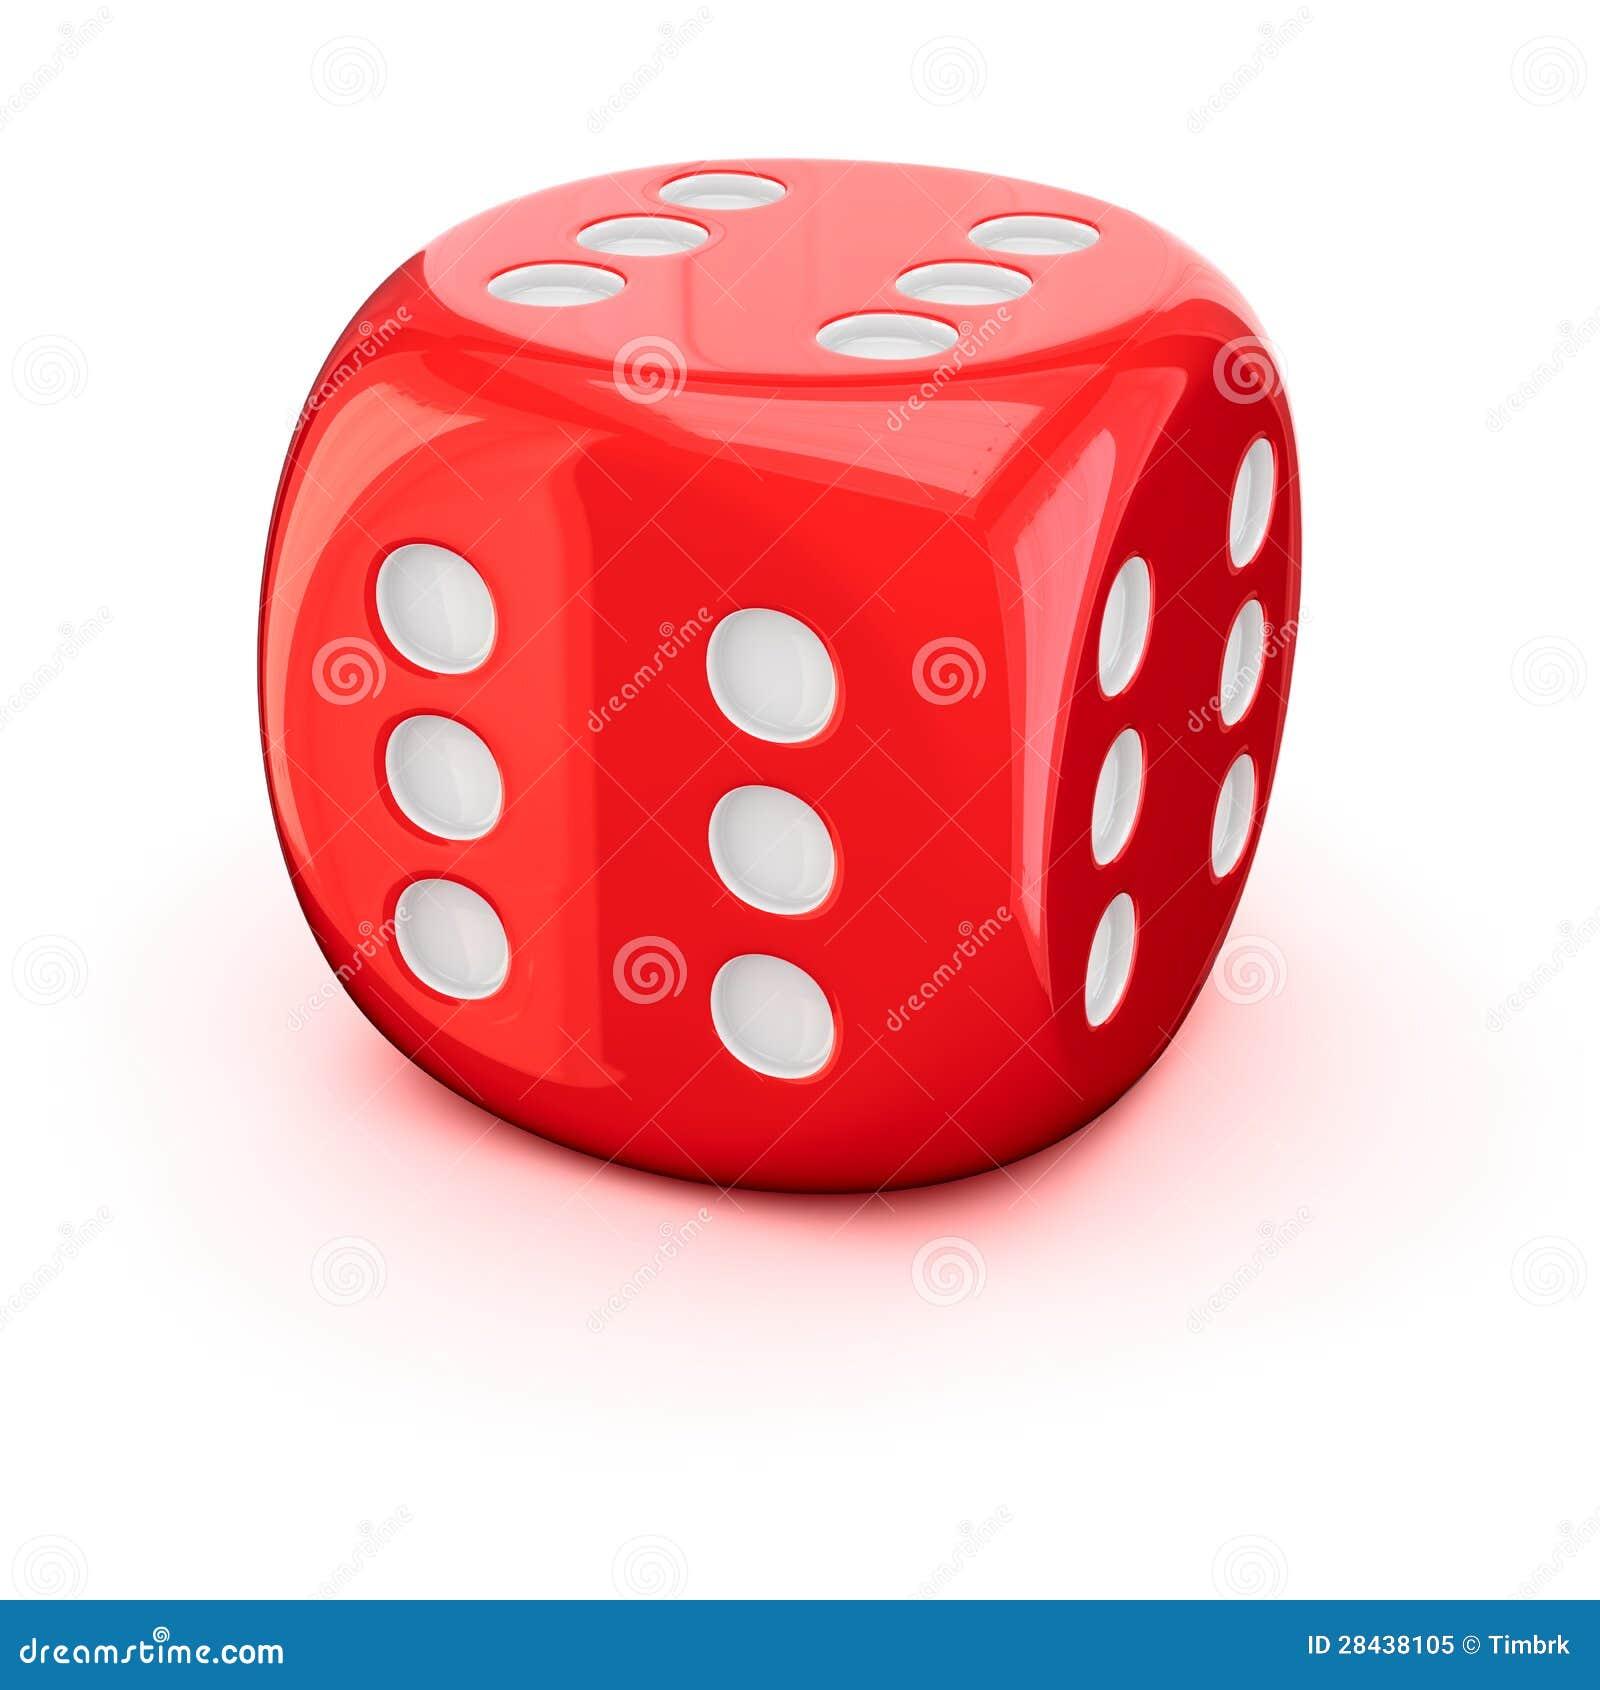 Wisconsin gambling winnings tax